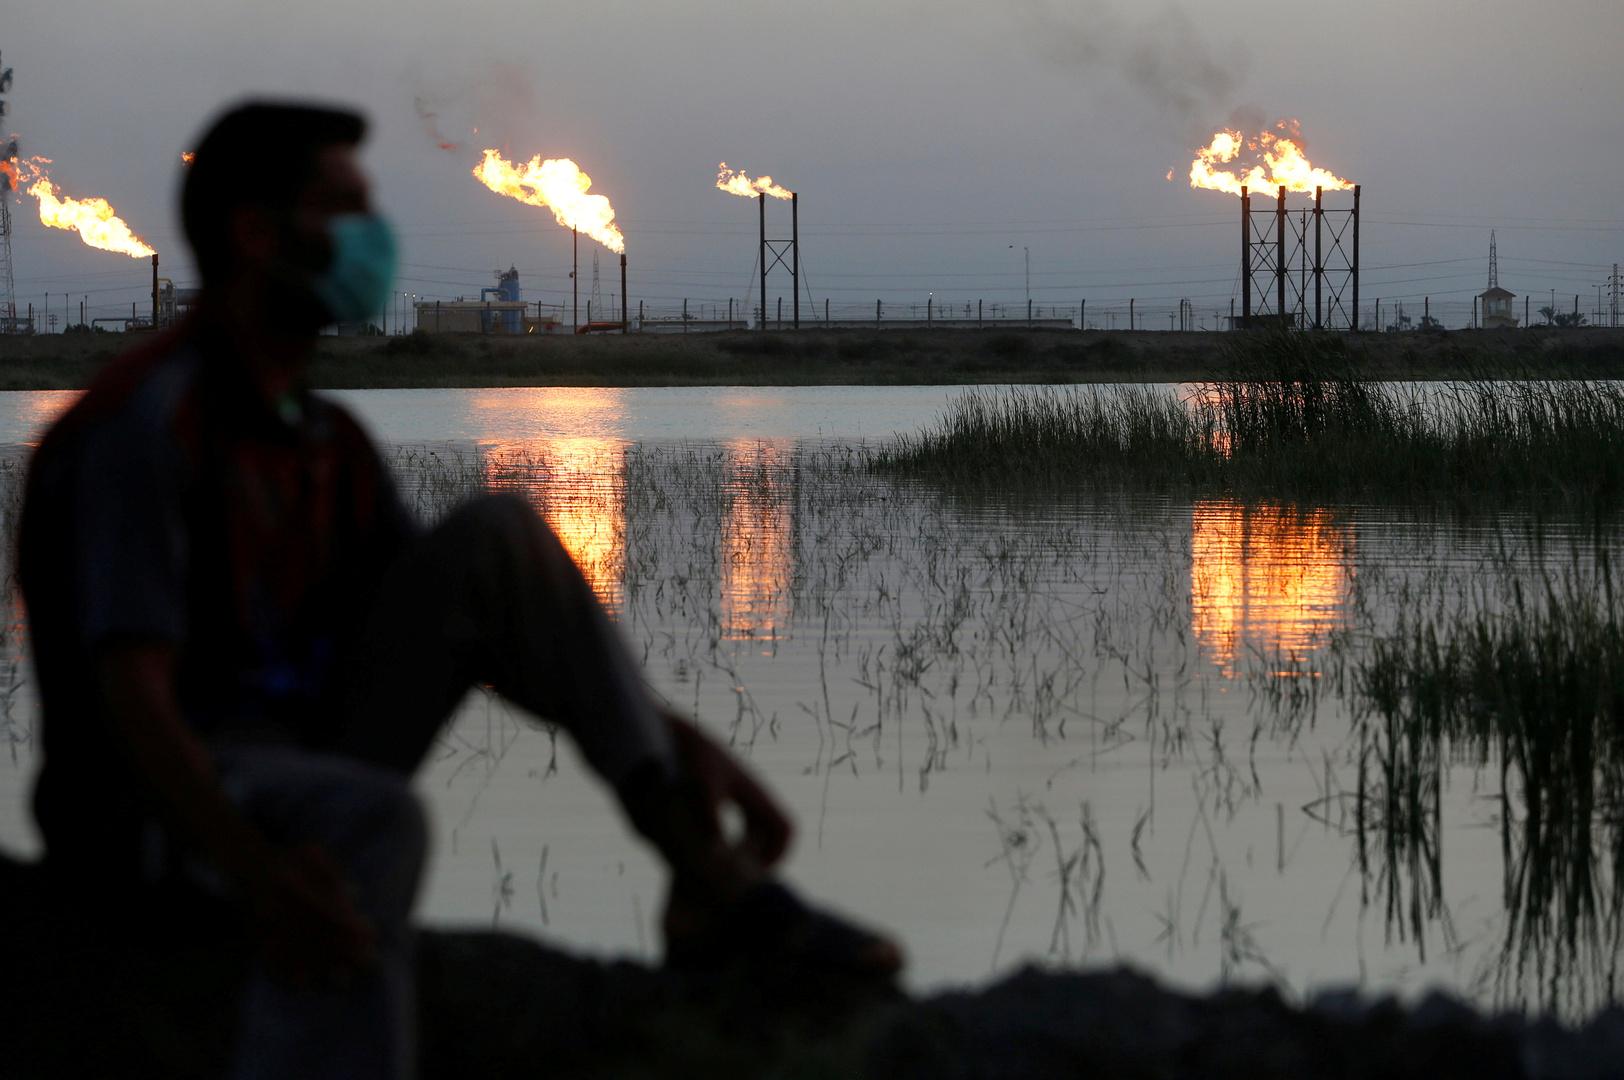 العراق يتوقع أسعار نفط أكثر جاذبية في العام القادم